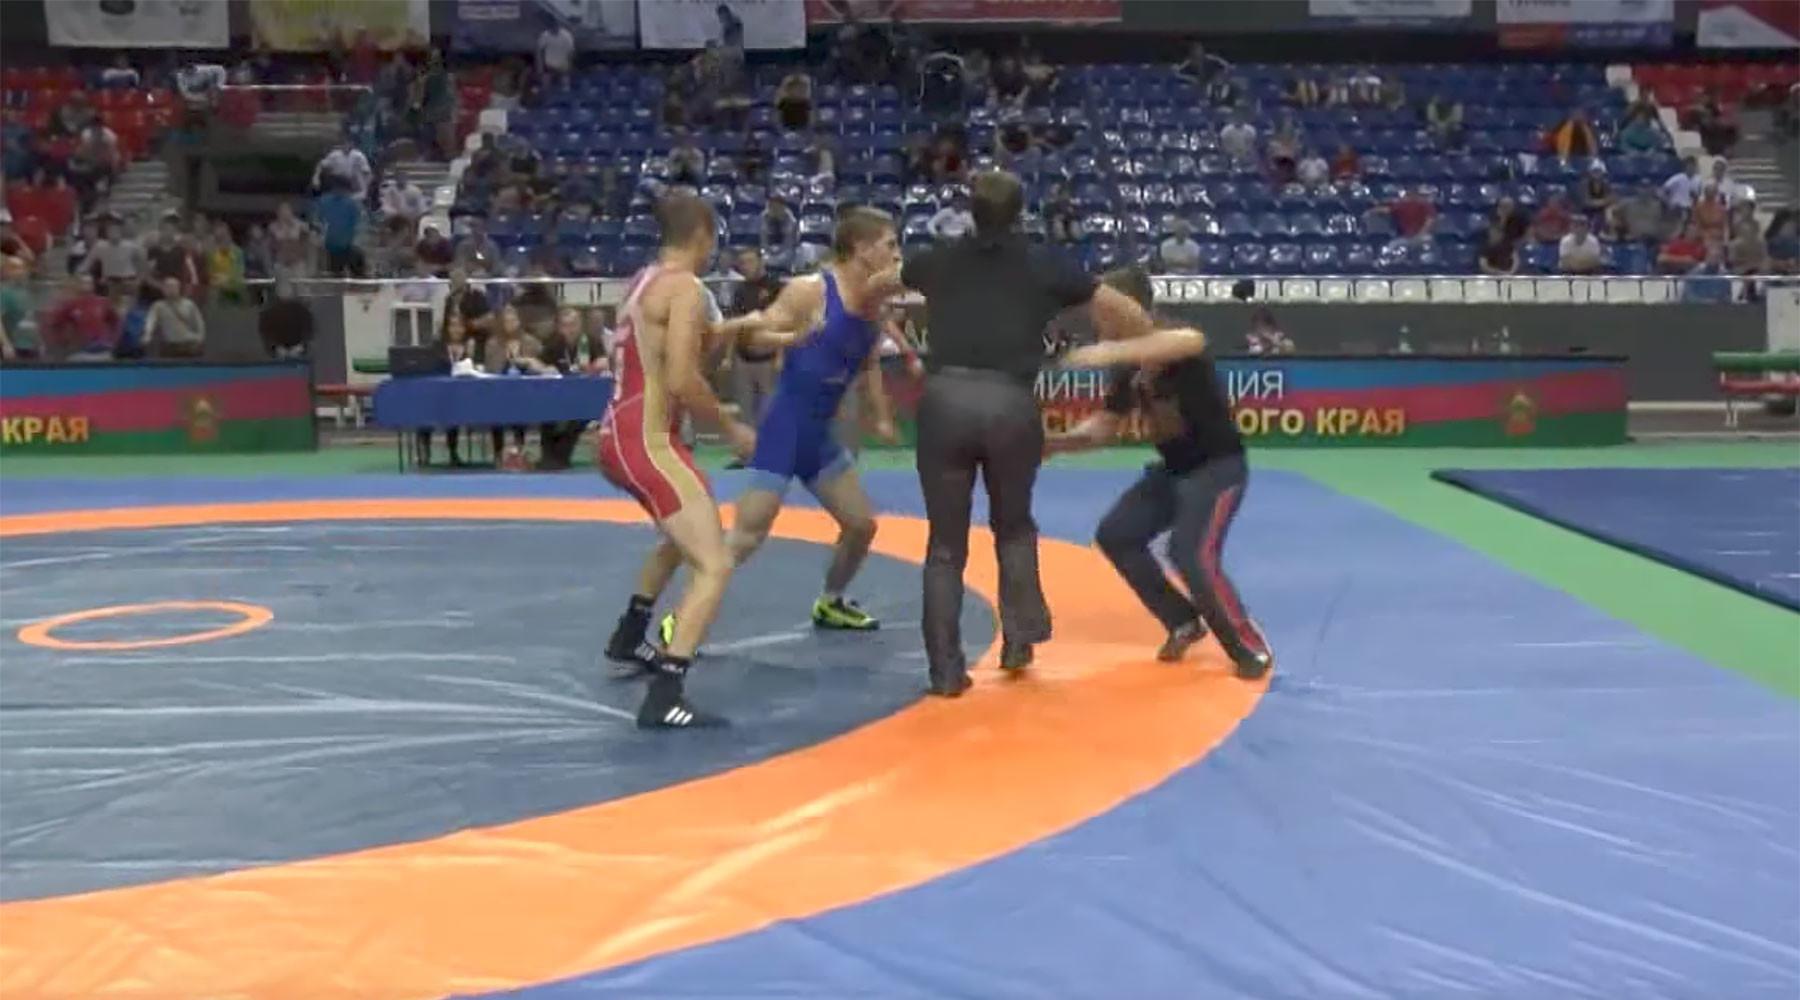 турнир по борьбе памяти призёра Олимпийских игр оказался омрачён потасовкой»